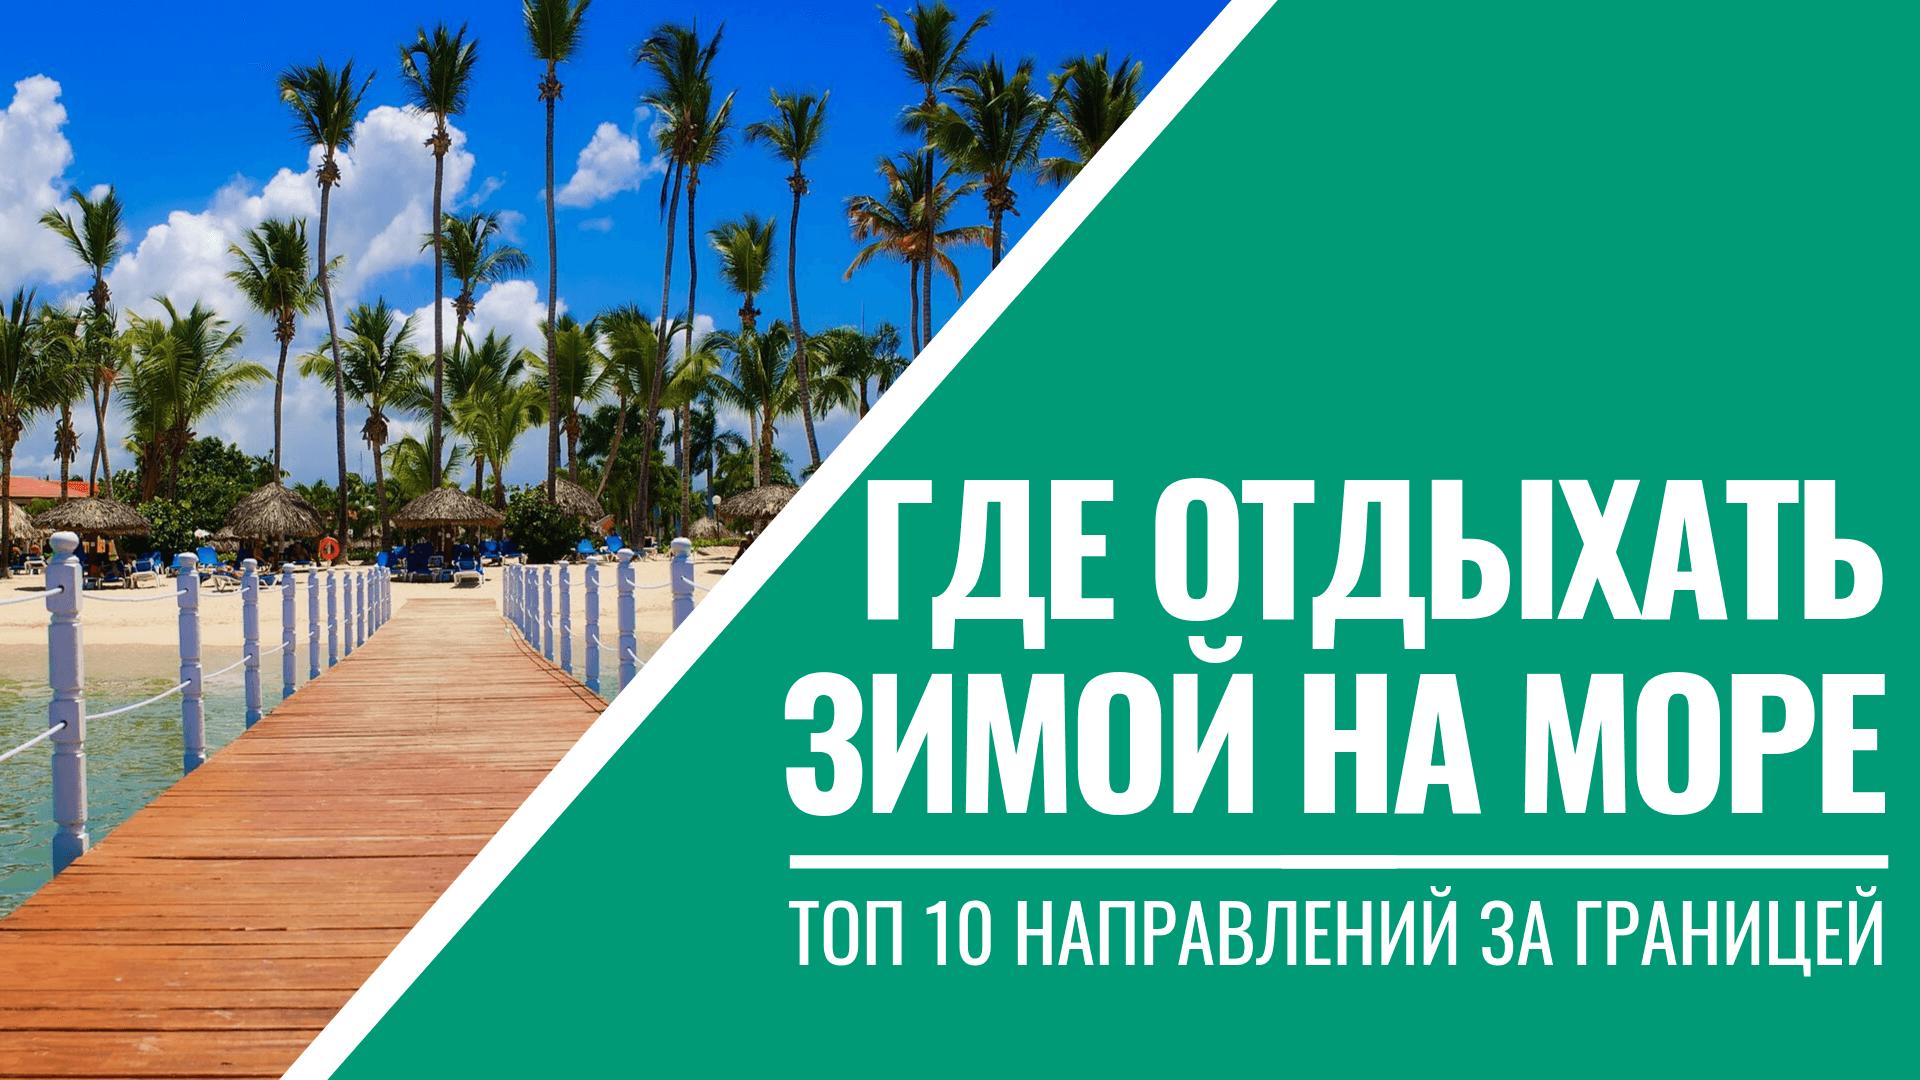 Семейный отдых в россии летом: куда поехать с детьми